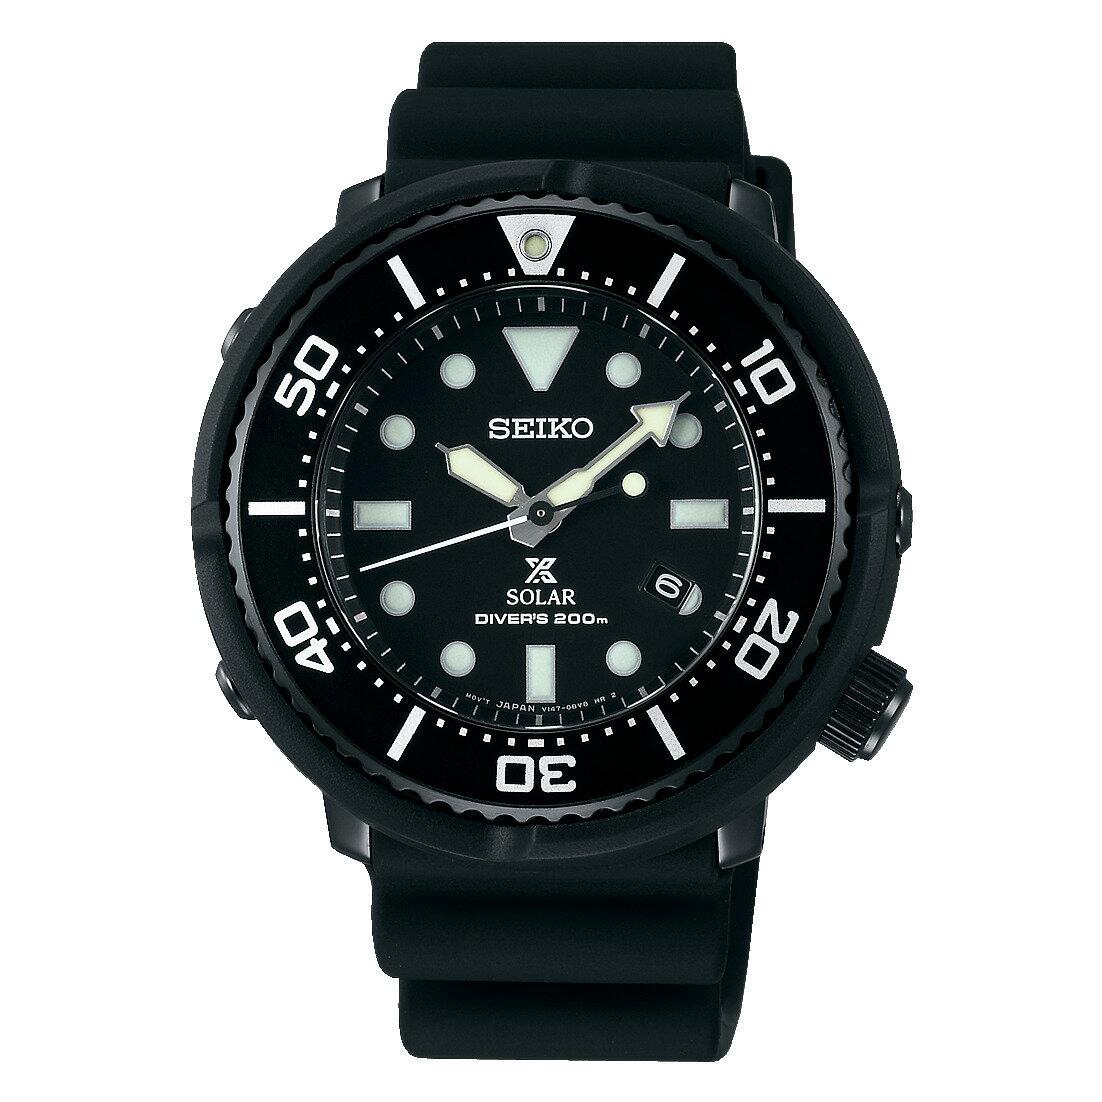 【】国内正規品SEIKO(セイコー)PROSPEX(プロスペックス)ダイバースキューバ LOWERCASEプロデュースモデル ダイバーズウォッチ ソーラー 腕時計 メンズ【SBDN049】